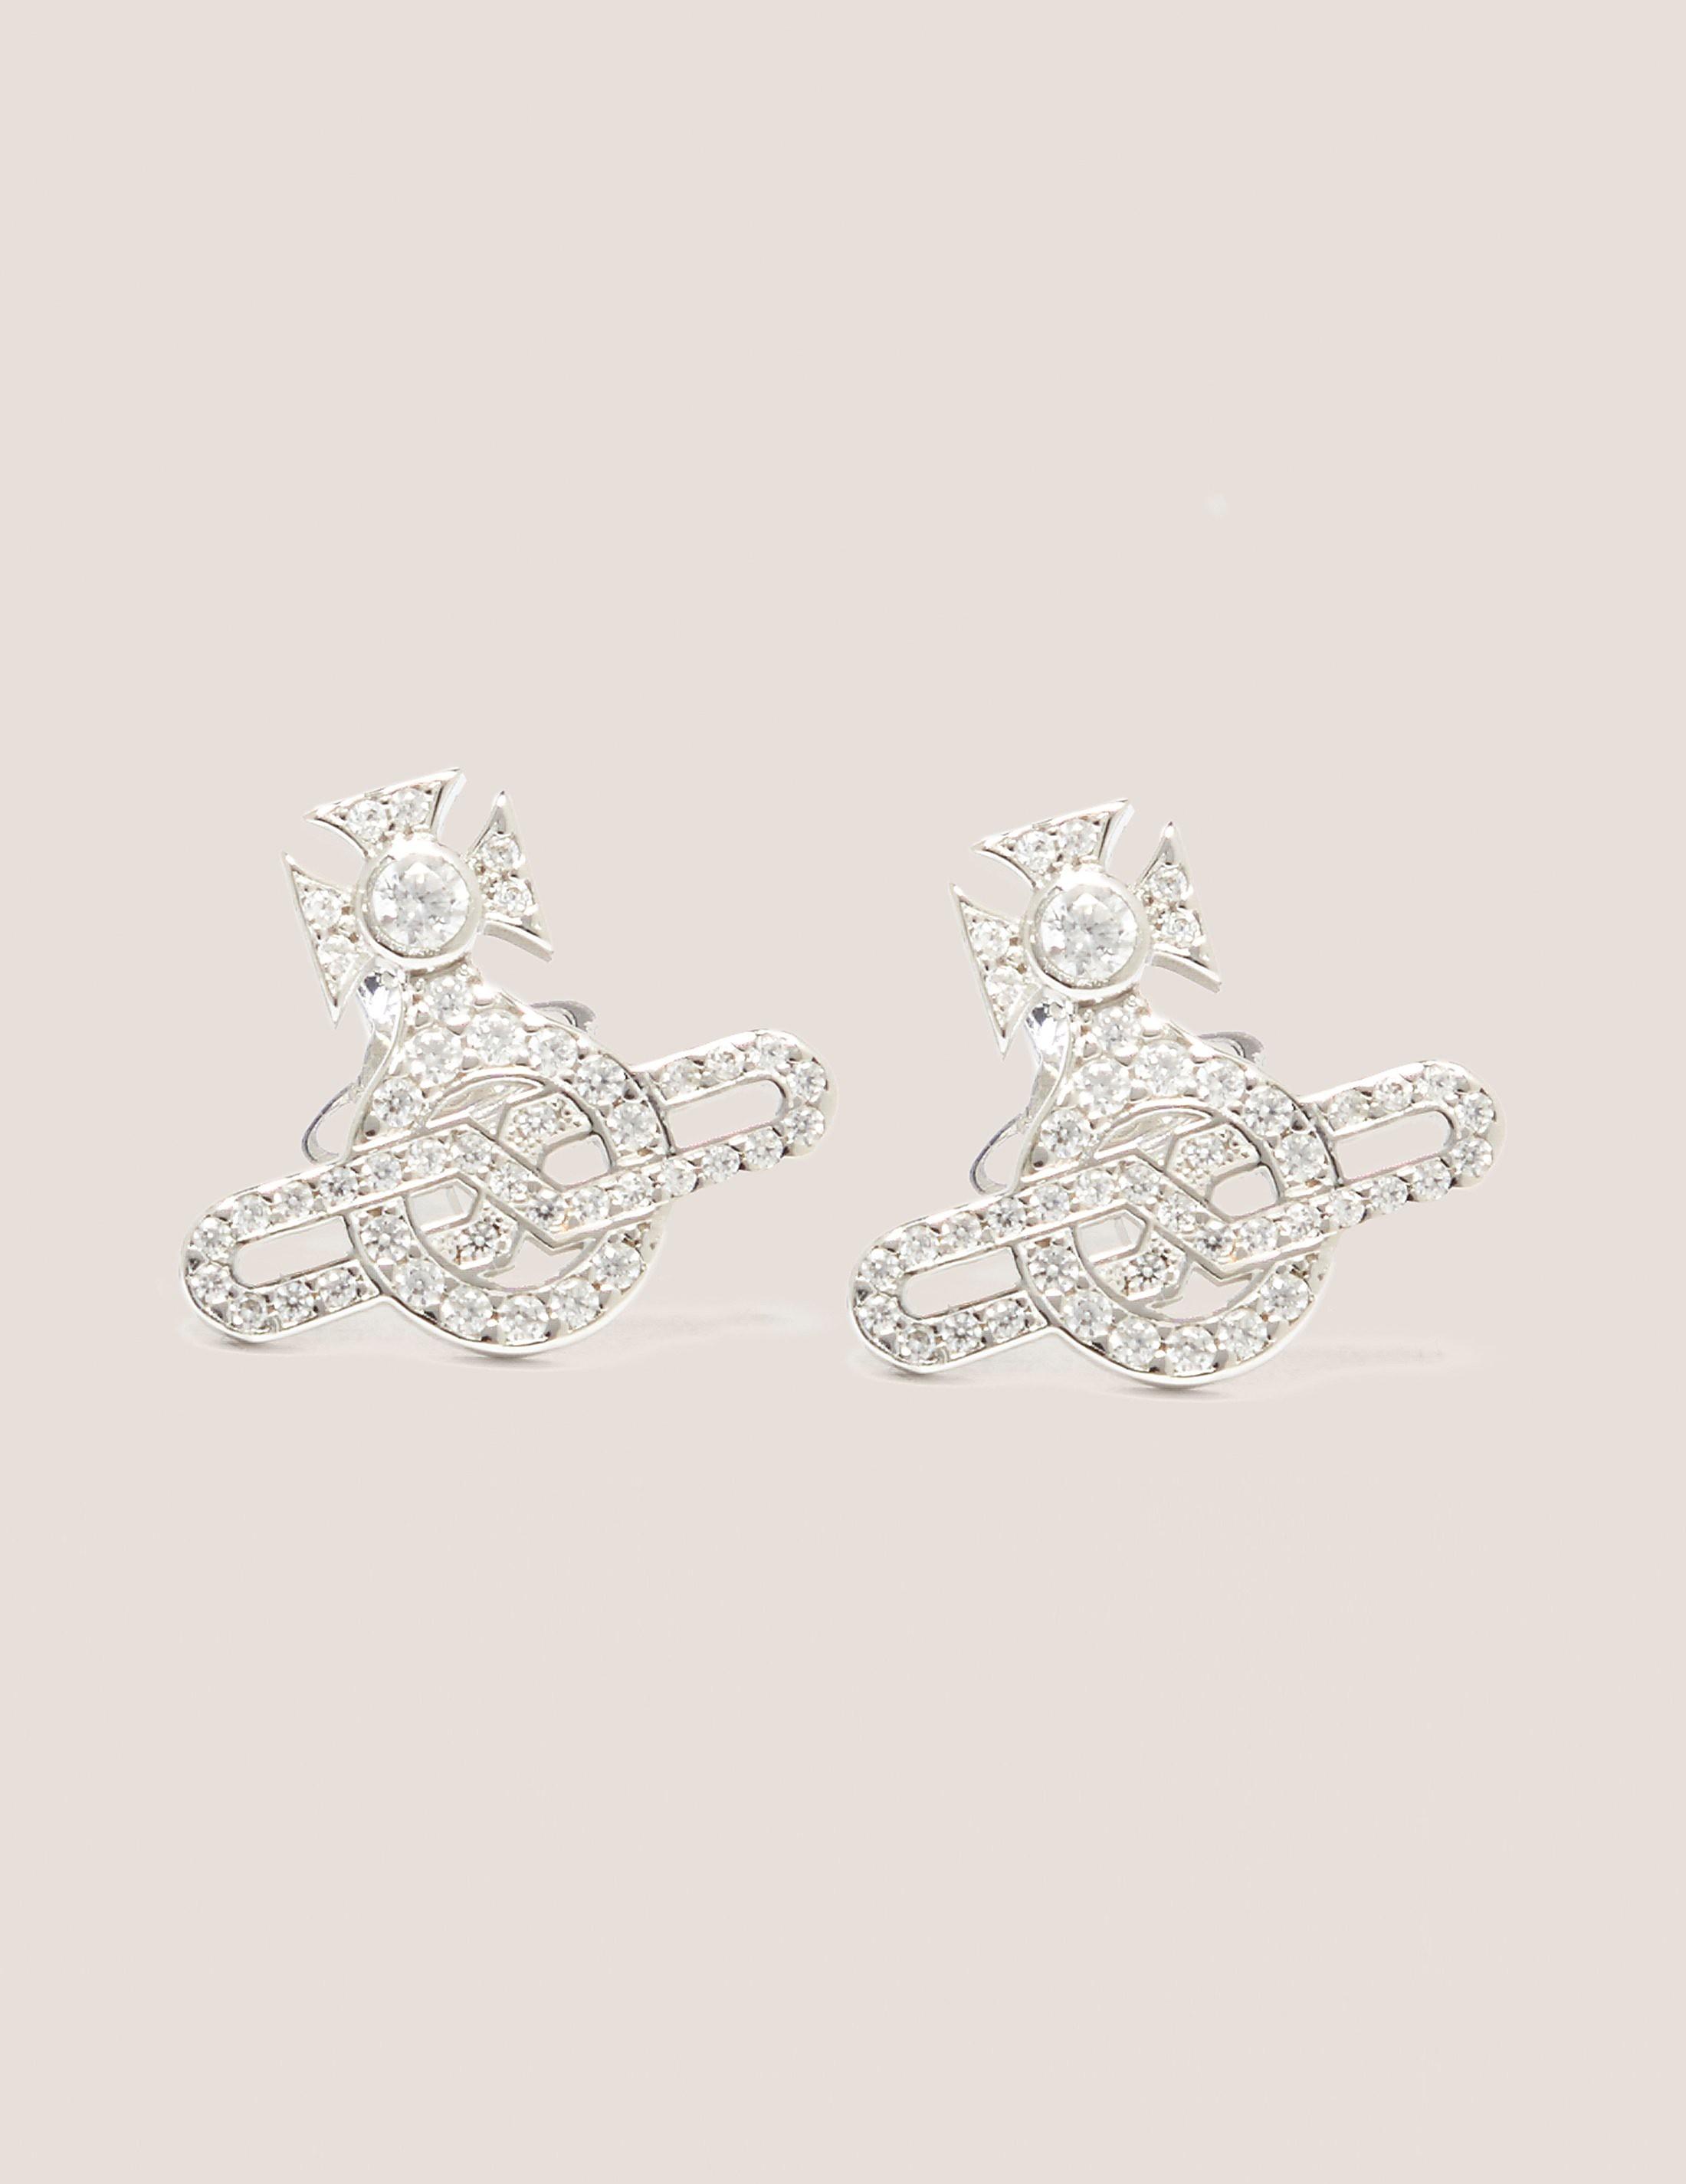 Vivienne Westwood Infinity Orb Earrings